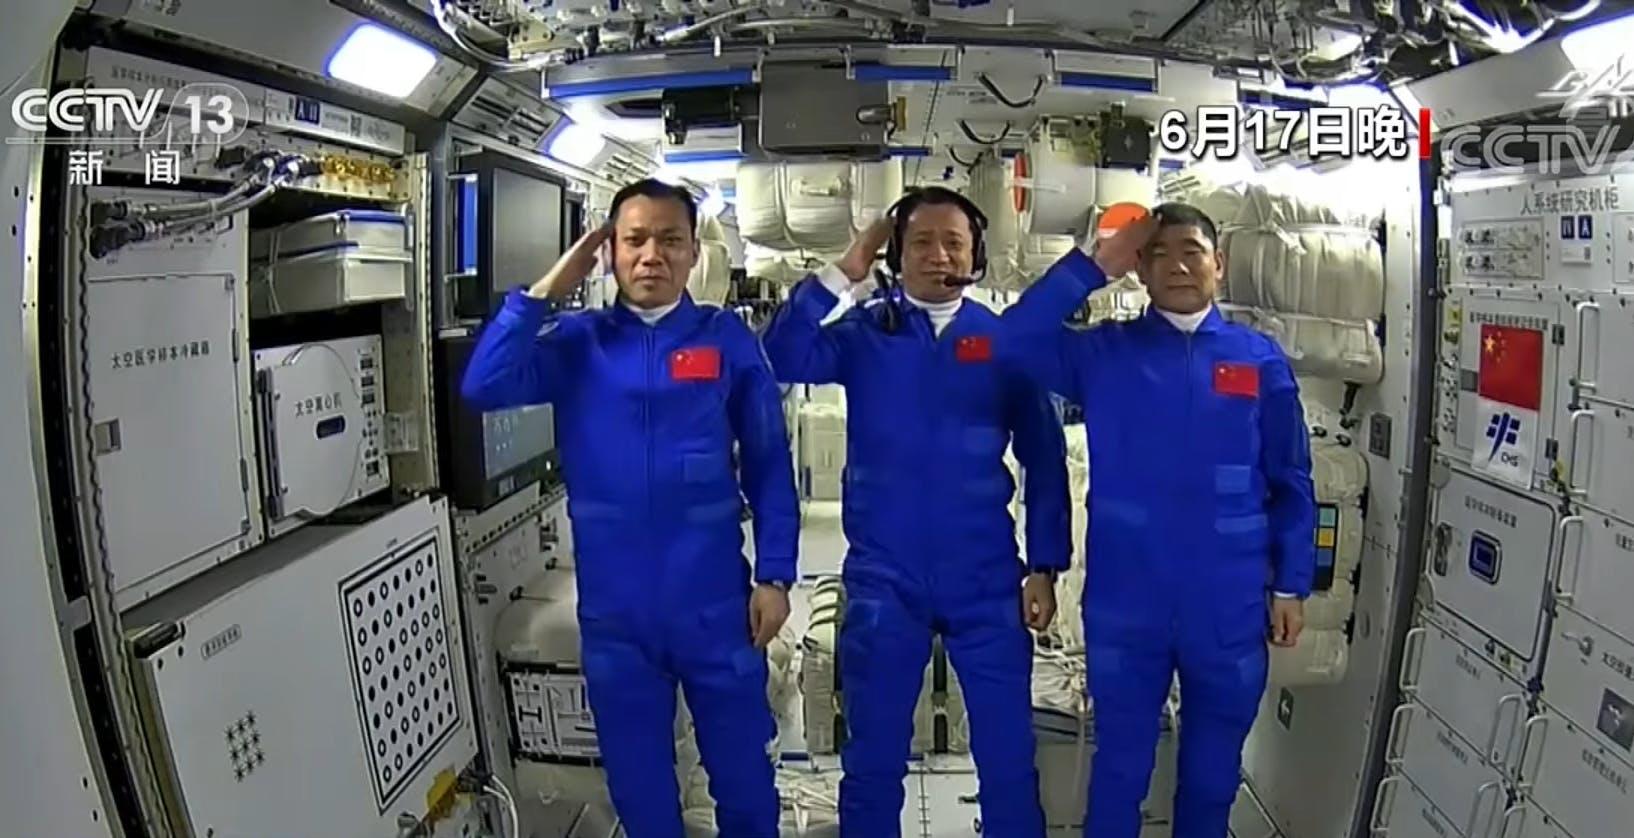 La vita a bordo della stazione spaziale cinese Tiangong. In un video il lavoro dei tre astronauti